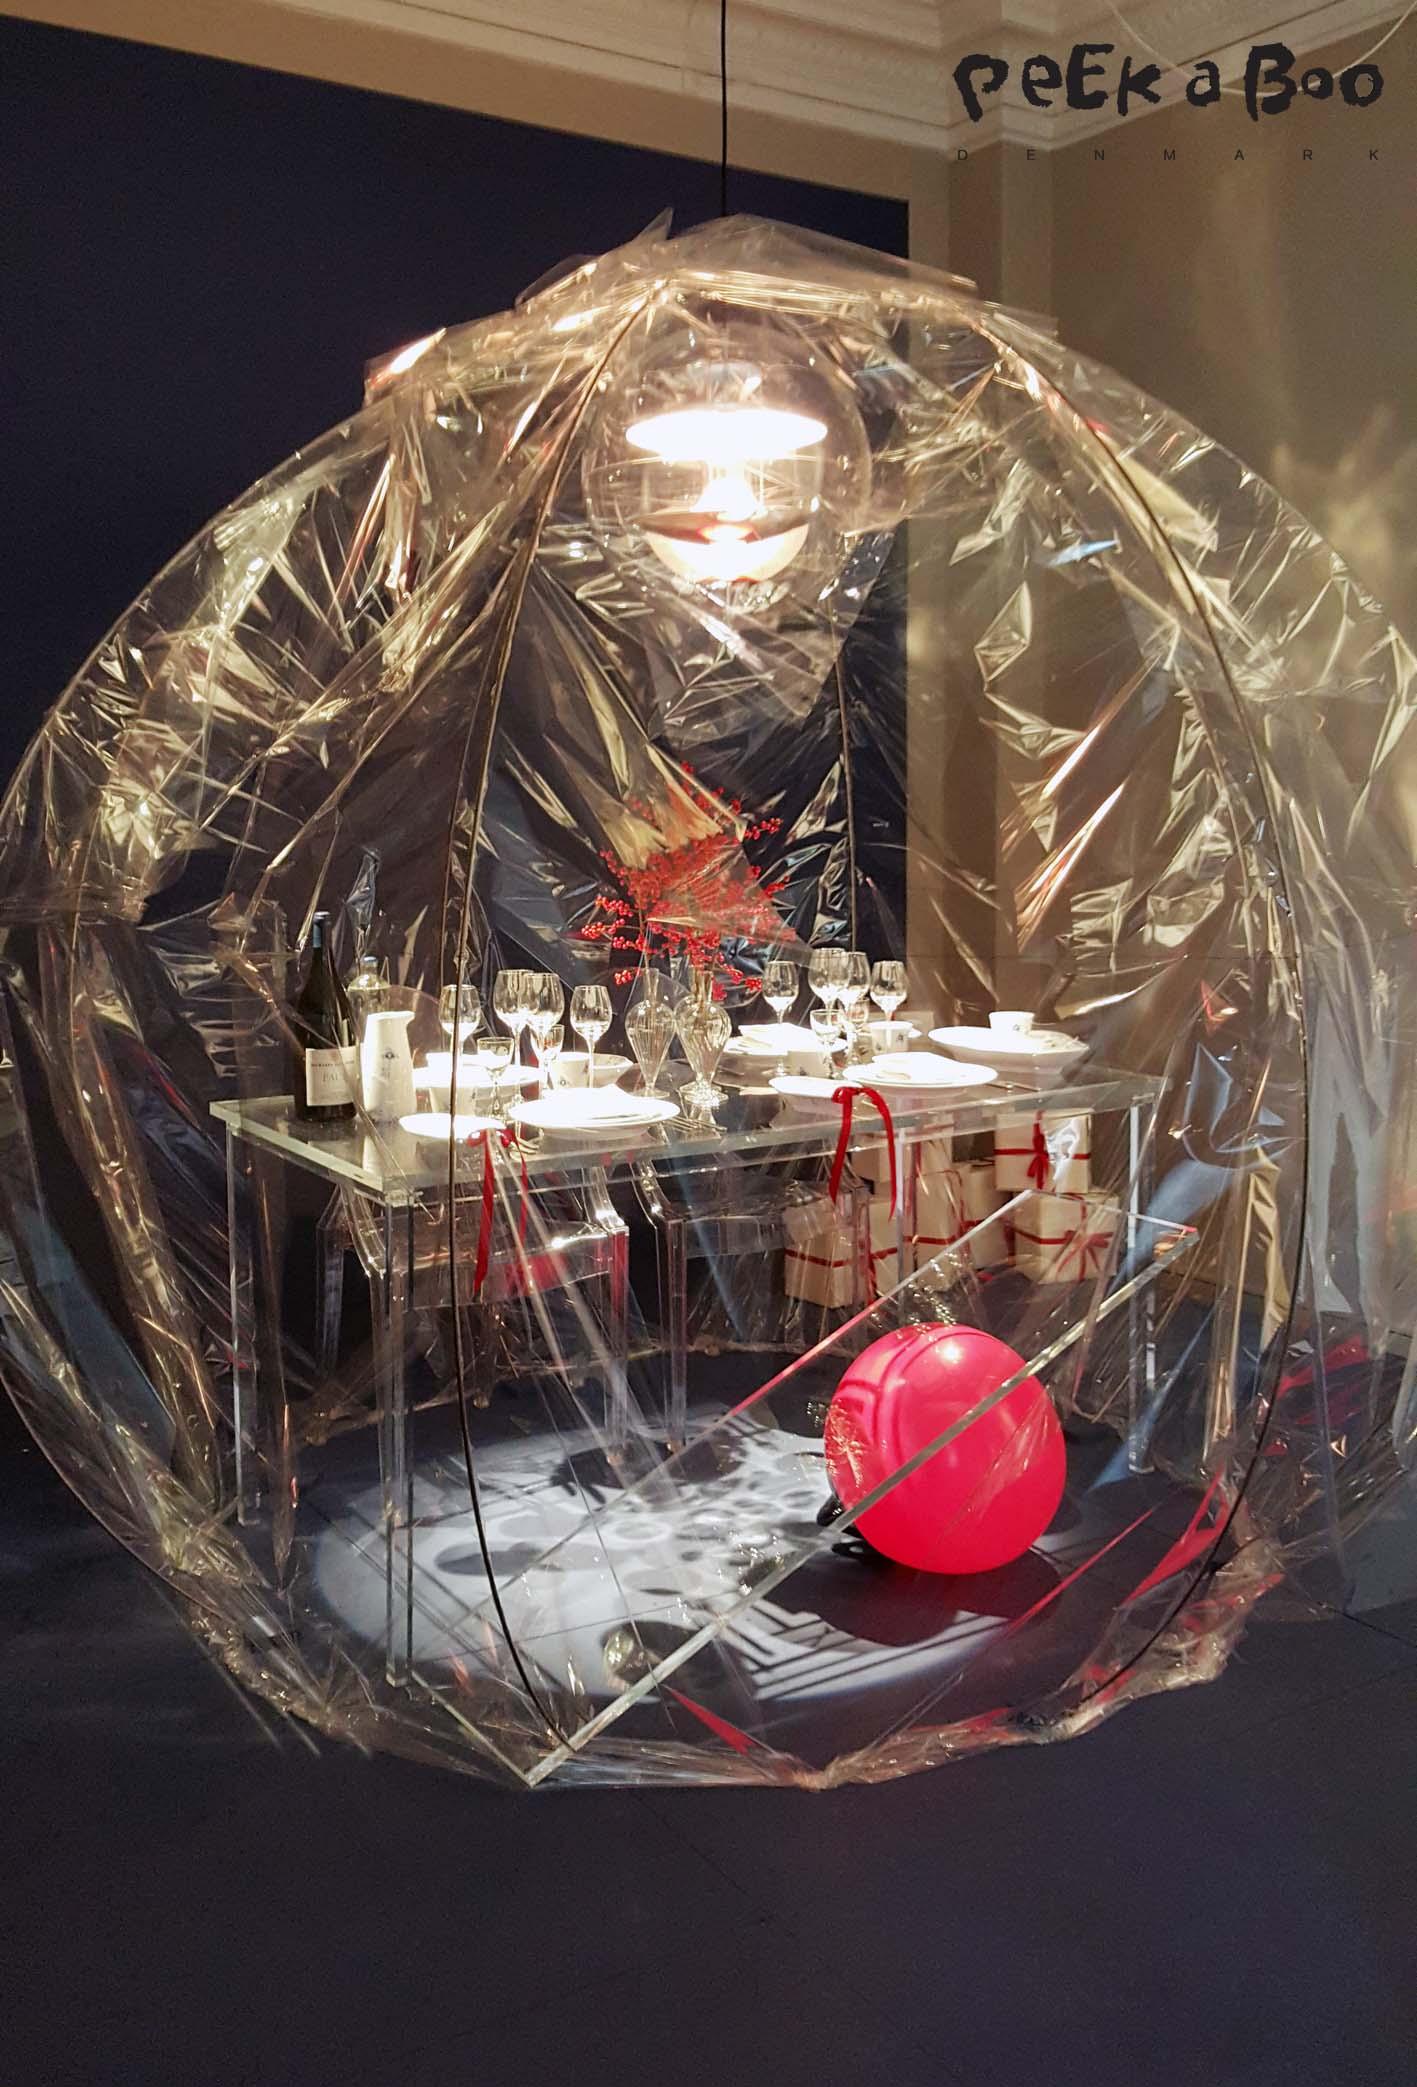 Jarl Friis Mikkelsen har lavet en gennemsigtig kuppel man sidder inde i og indser gennemsigtigheden i hele julehysteriet...tror jeg nok at han mente, da jeg spurgte ind til det. Og så var der en plexiglas plade der balancerede på en rød bold, der skulle symbolisere hvordan vi netop skal balancere på bedste vis gennem julen.